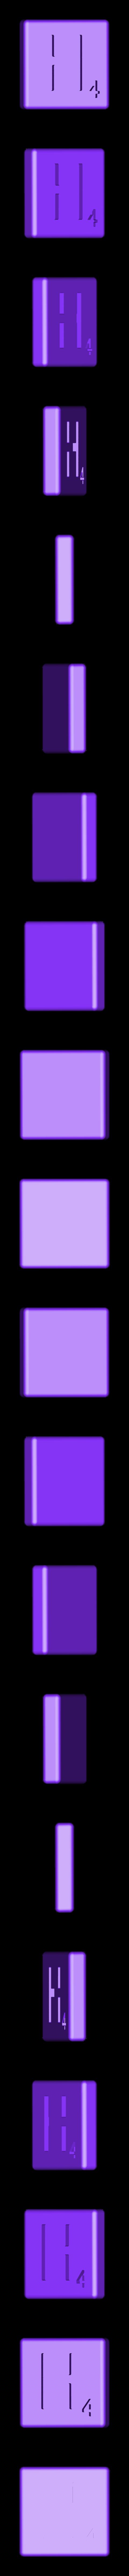 Dual_Shell_H.STL Télécharger fichier STL gratuit Pièces et support SCRABBBLE • Design pour imprimante 3D, Balkhagal4D